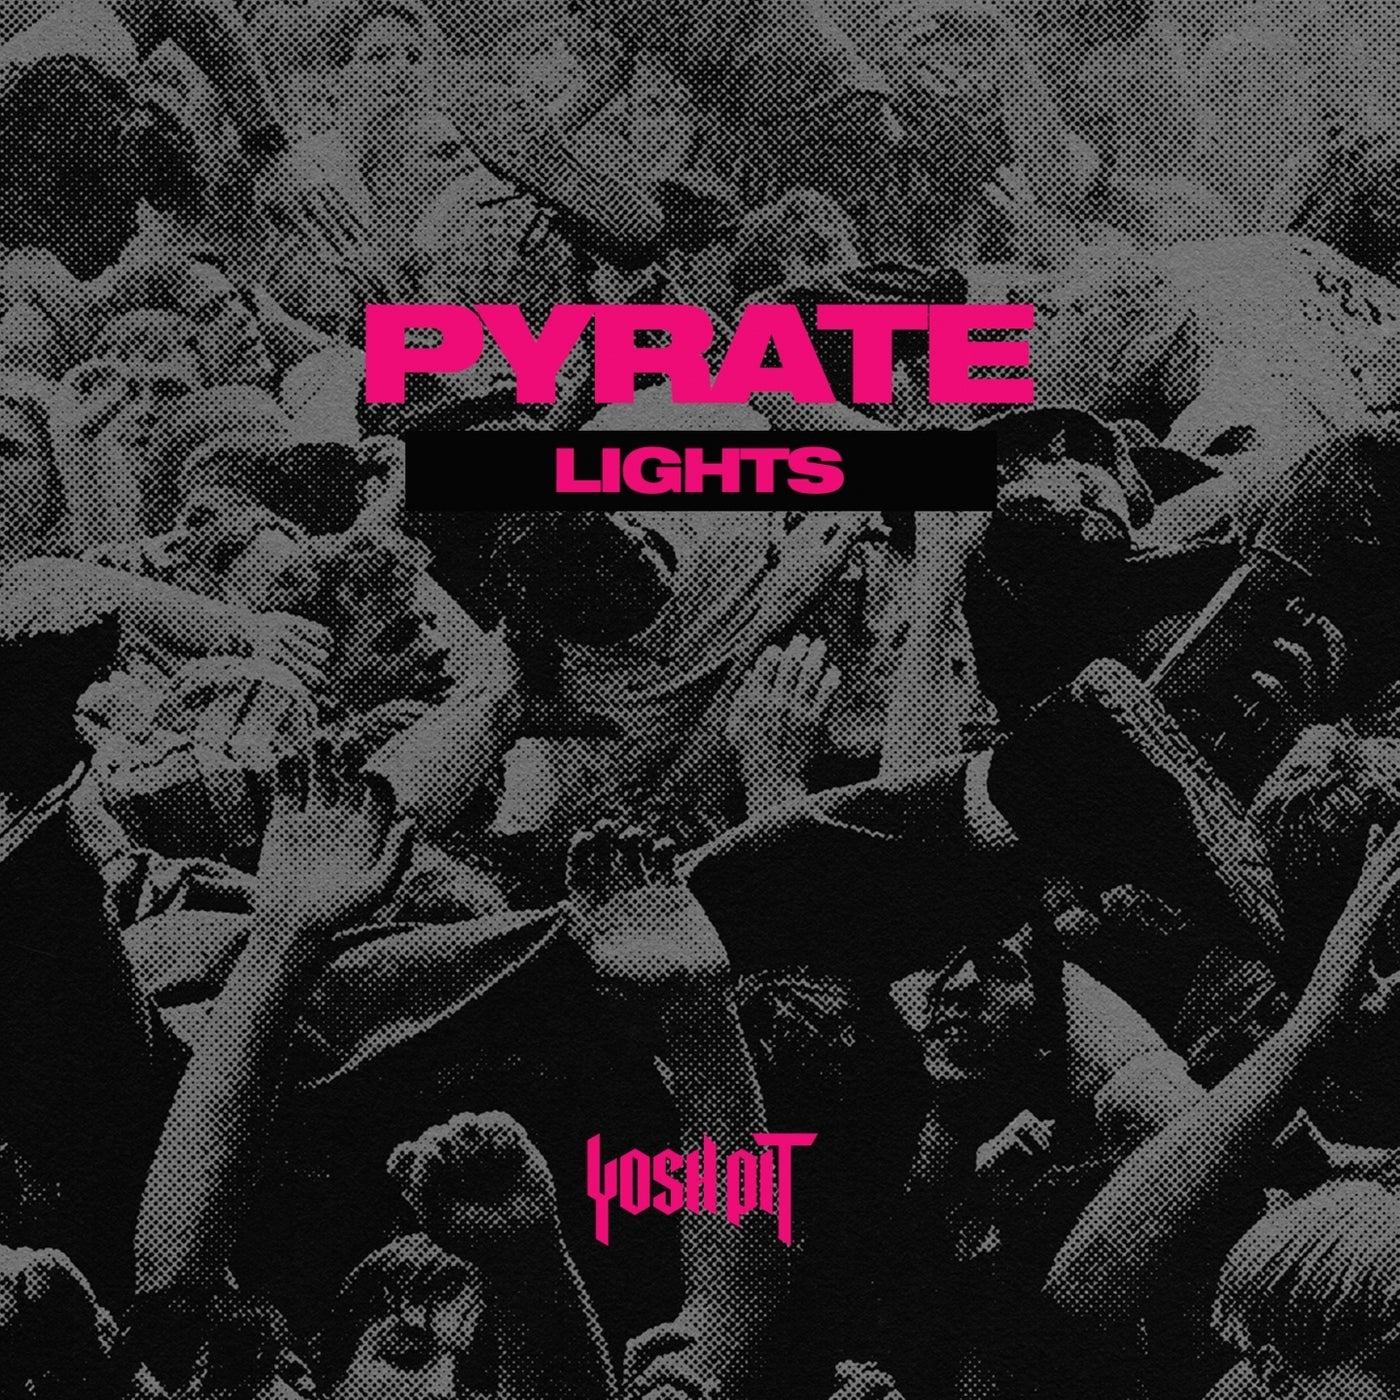 Lights (Original Mix)